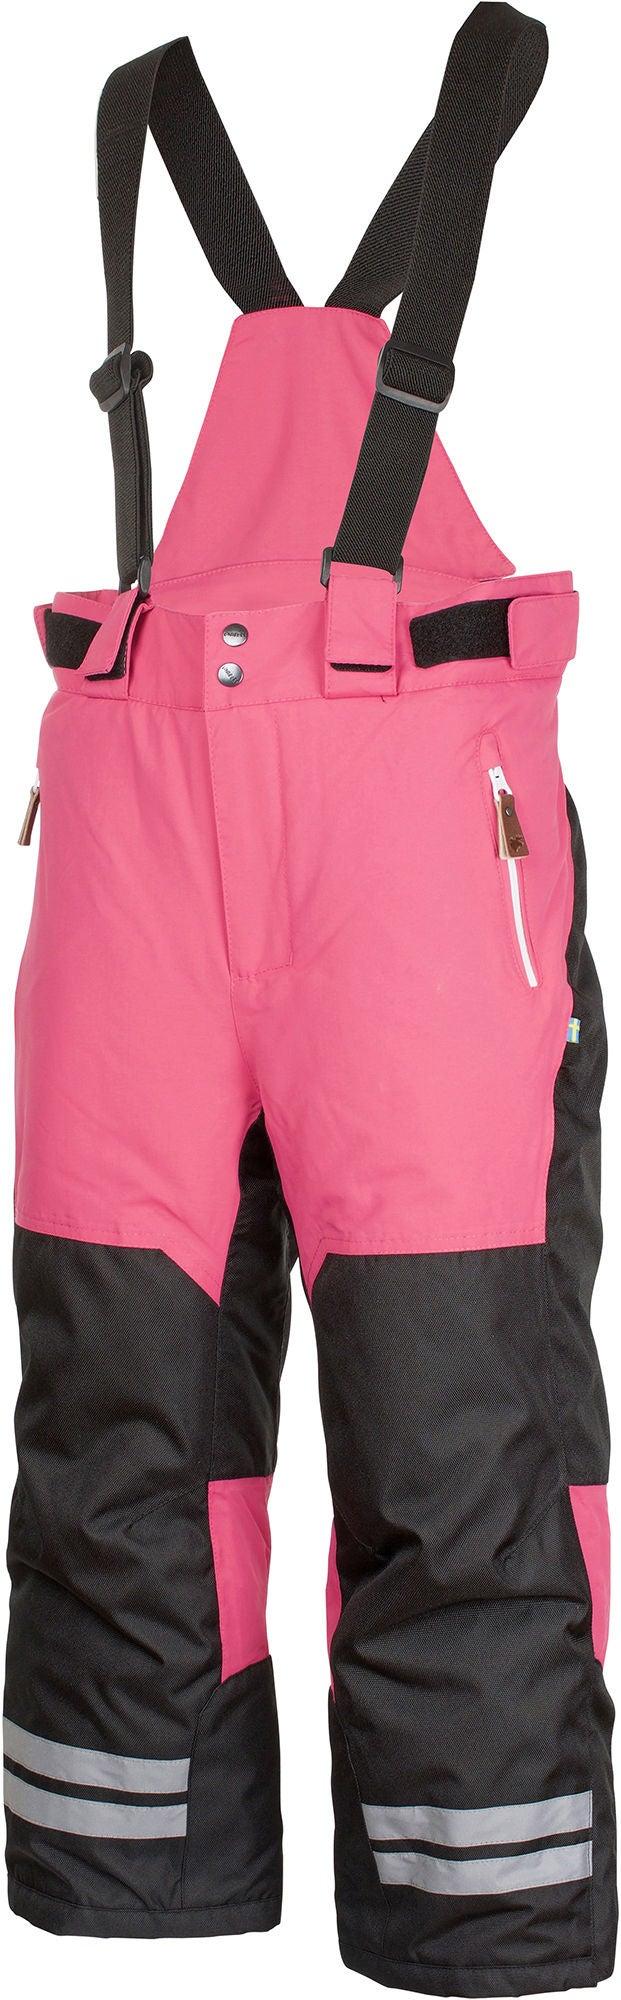 Lindberg Keystone Bukse, Cerise 90